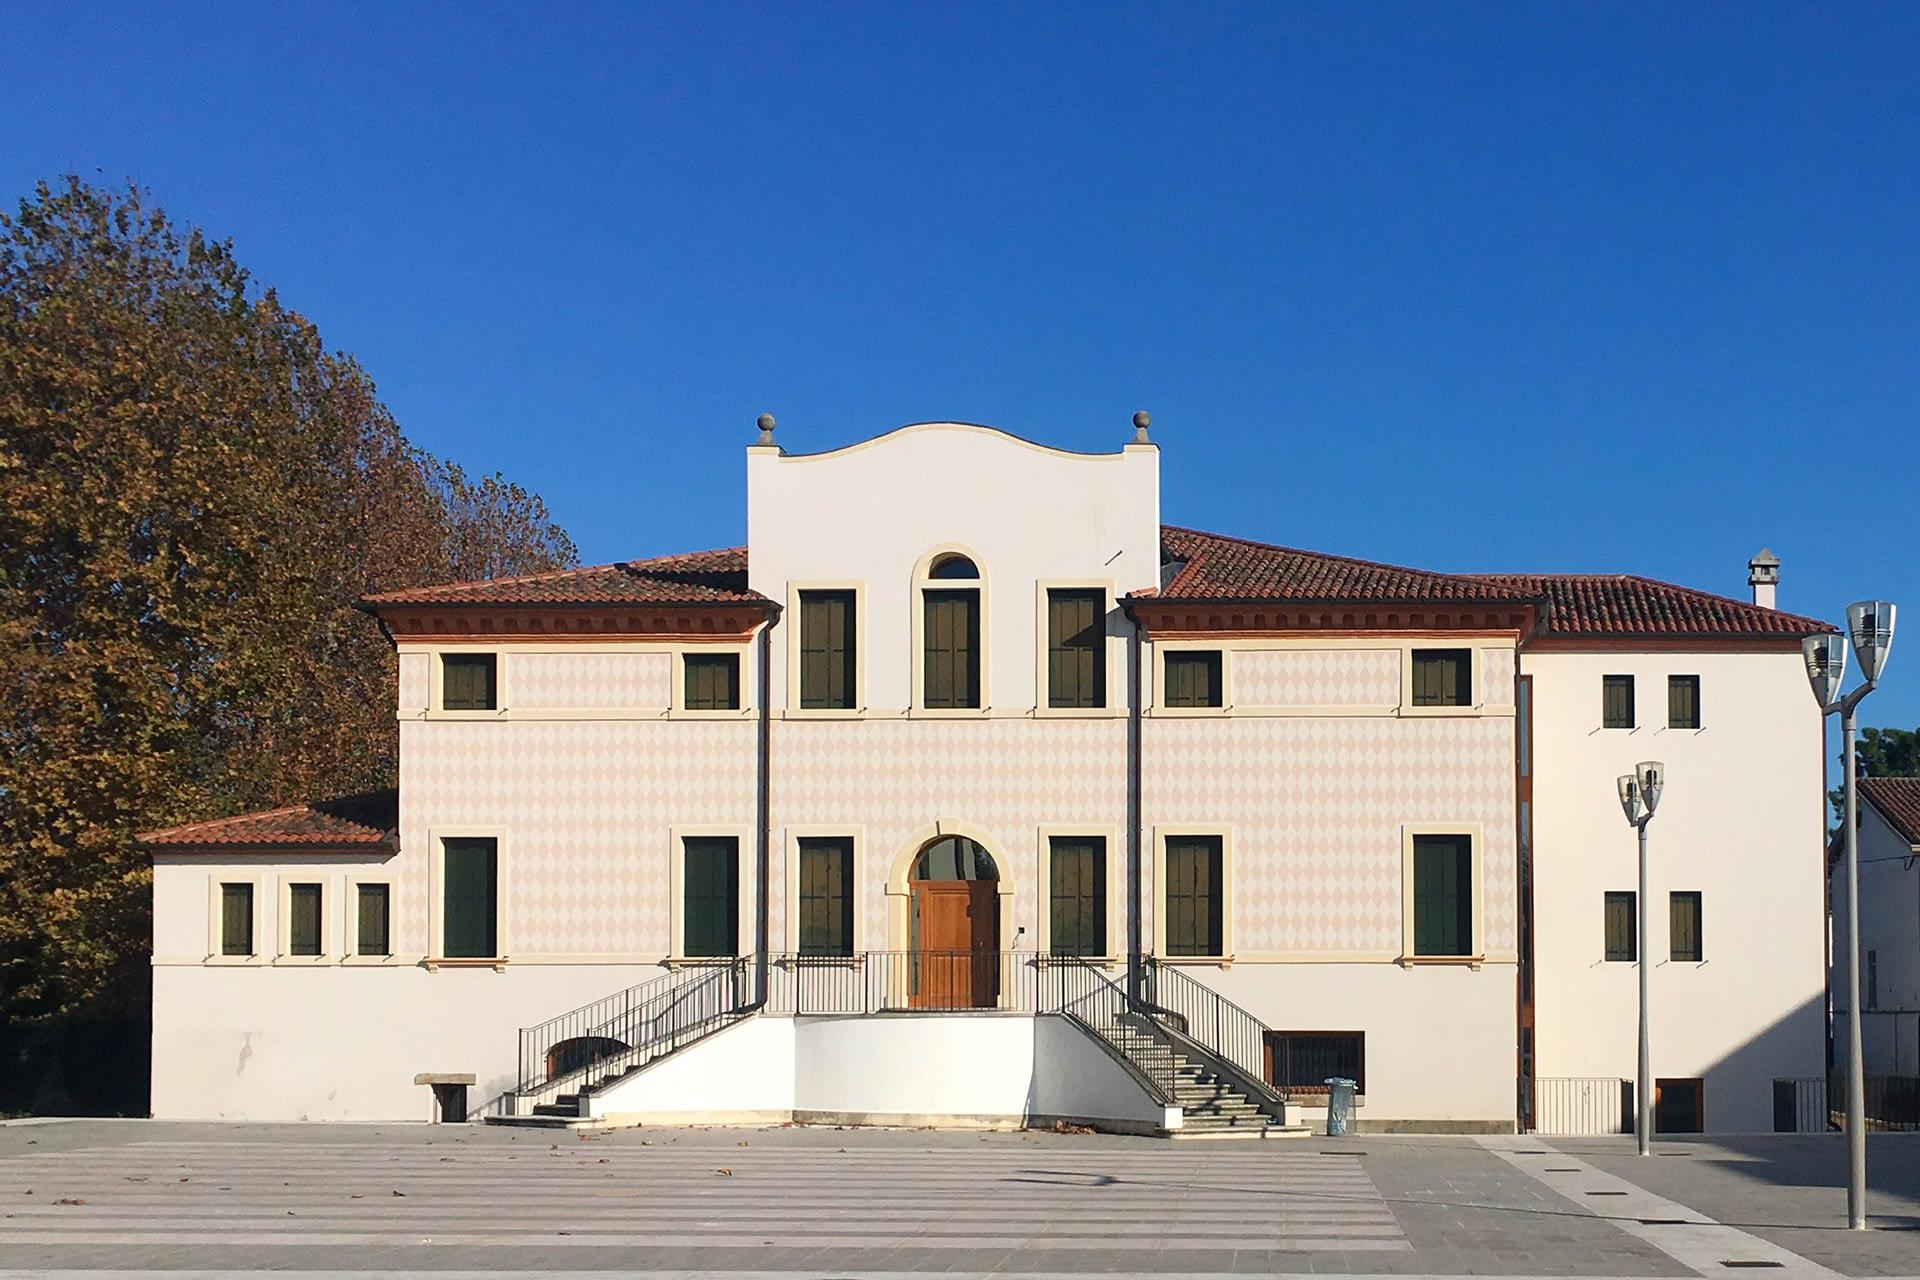 Pernumia_Villa Griffey-Ca' Dottori